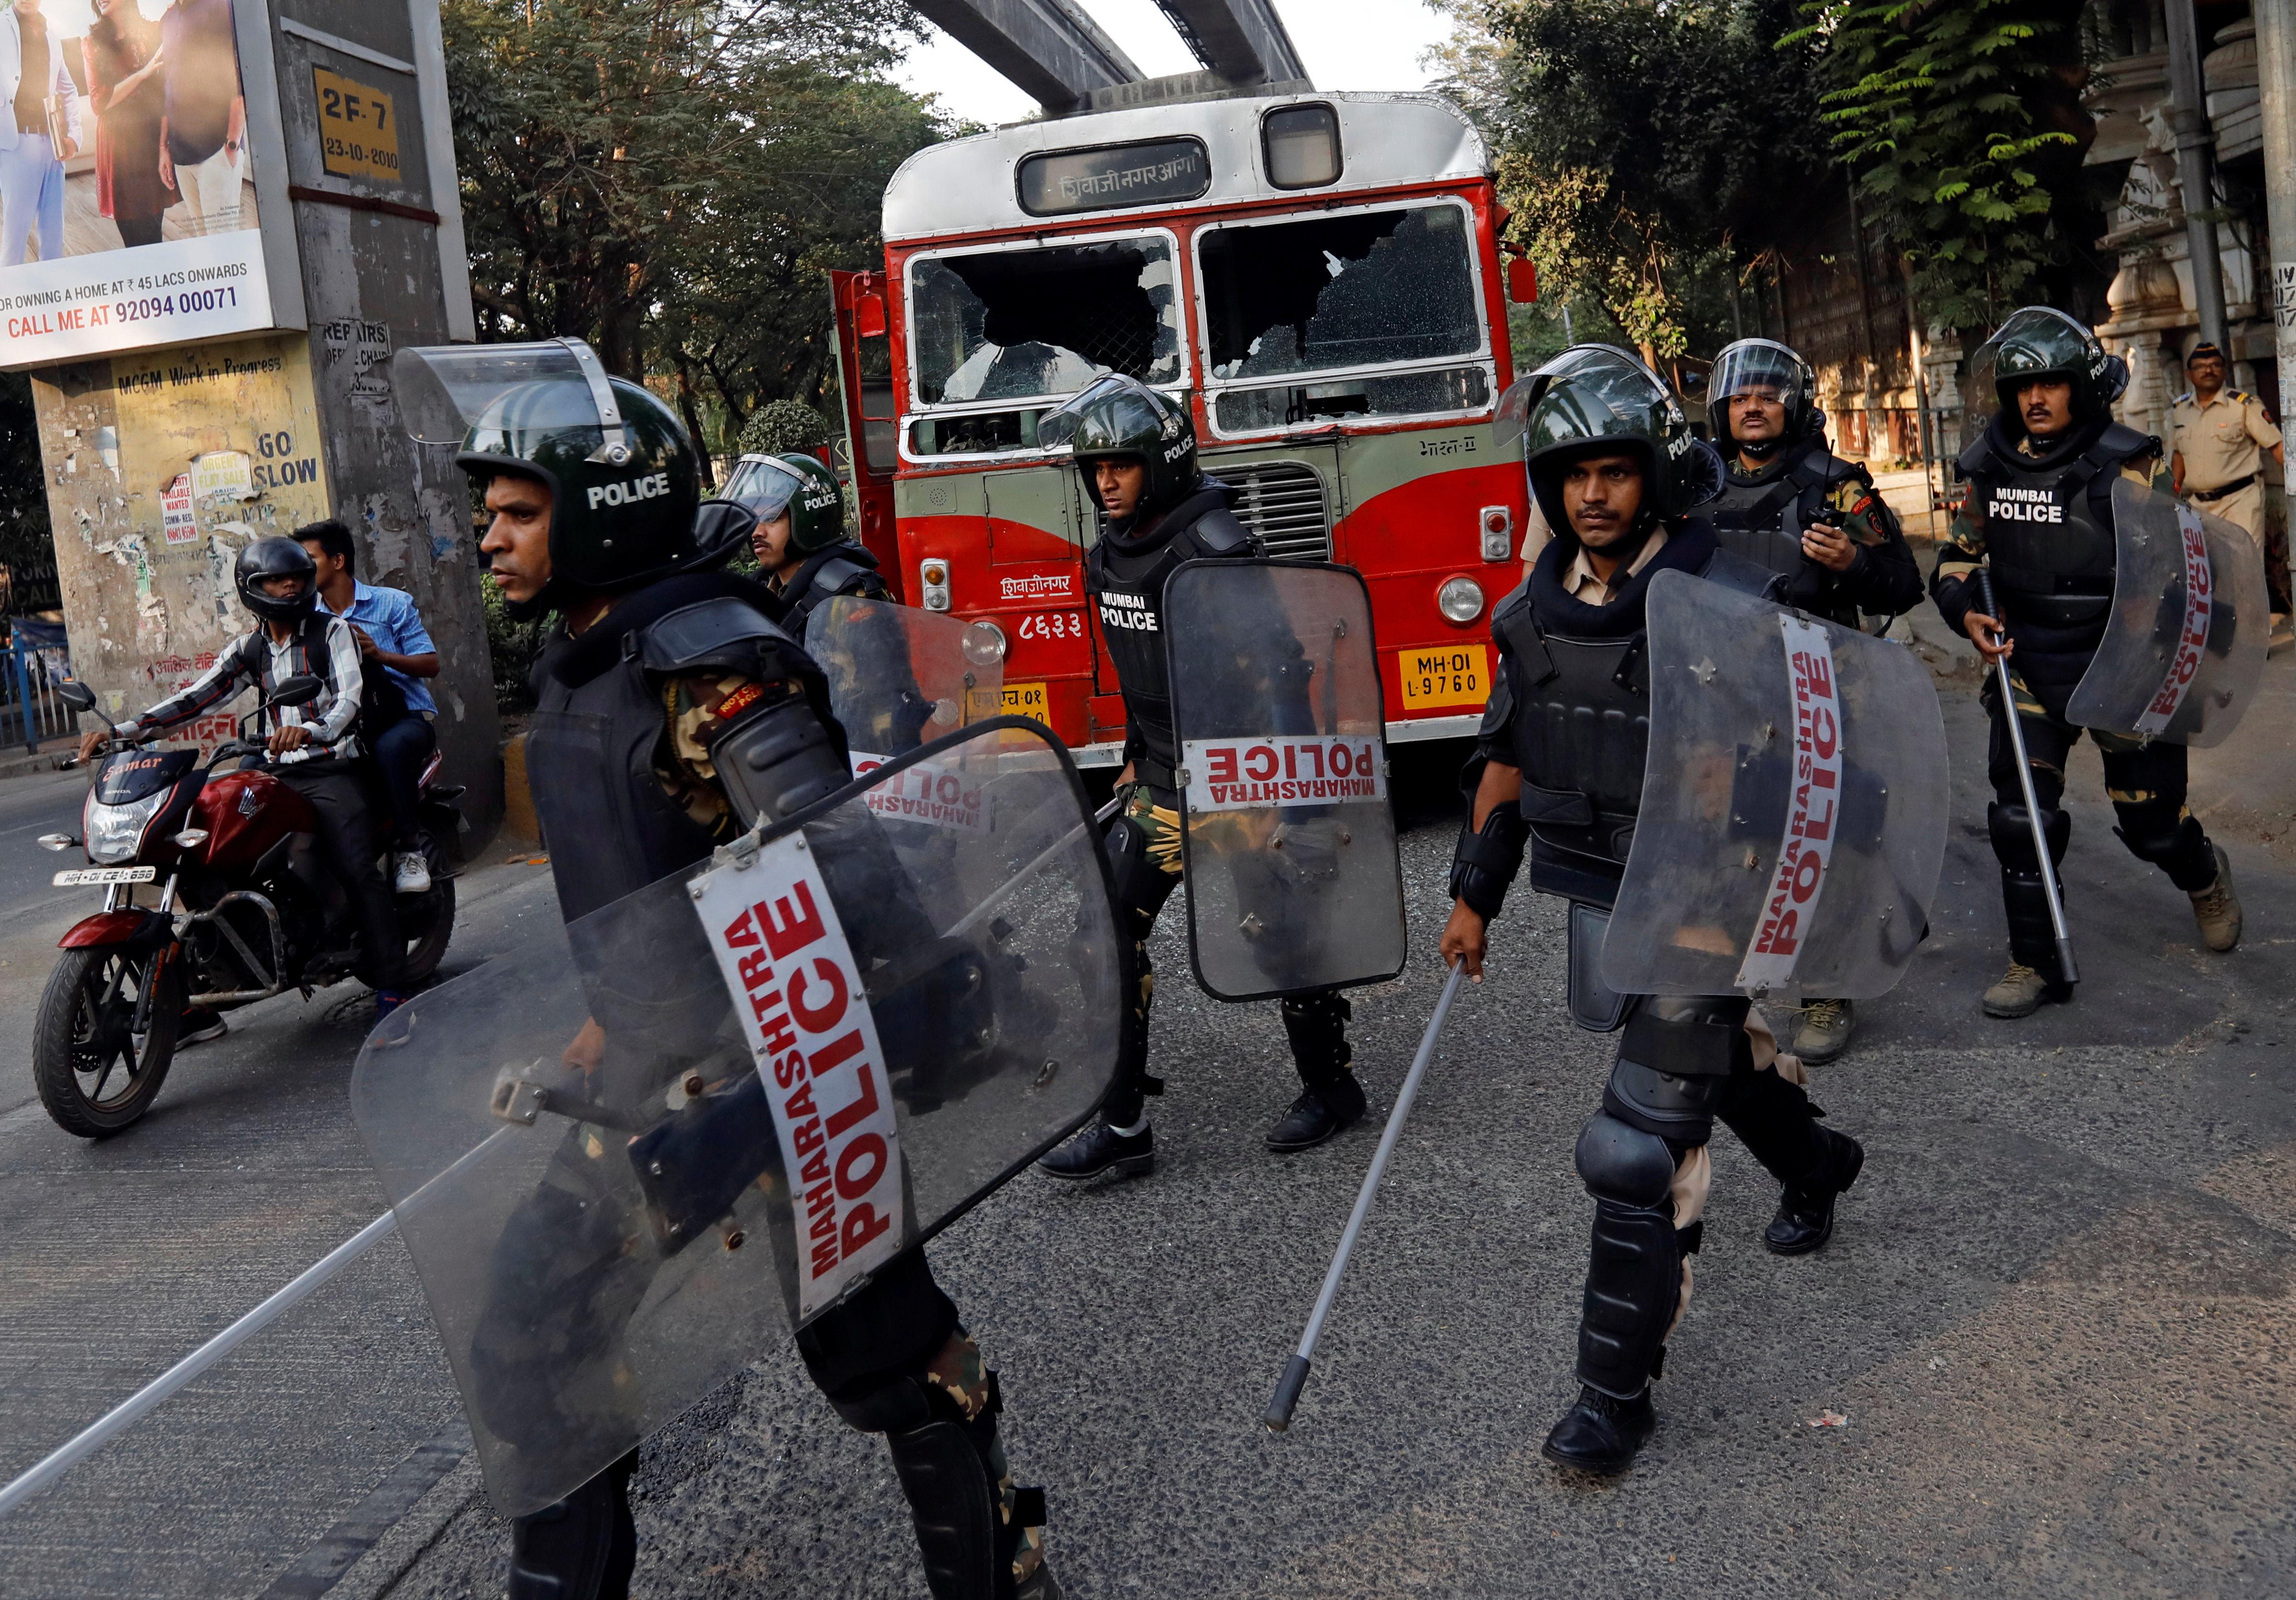 Ινδία: 12 νεκροί από σφαίρες αστυνομικών κατά τη διάρκεια εκτεταμένων επεισοδίων σε